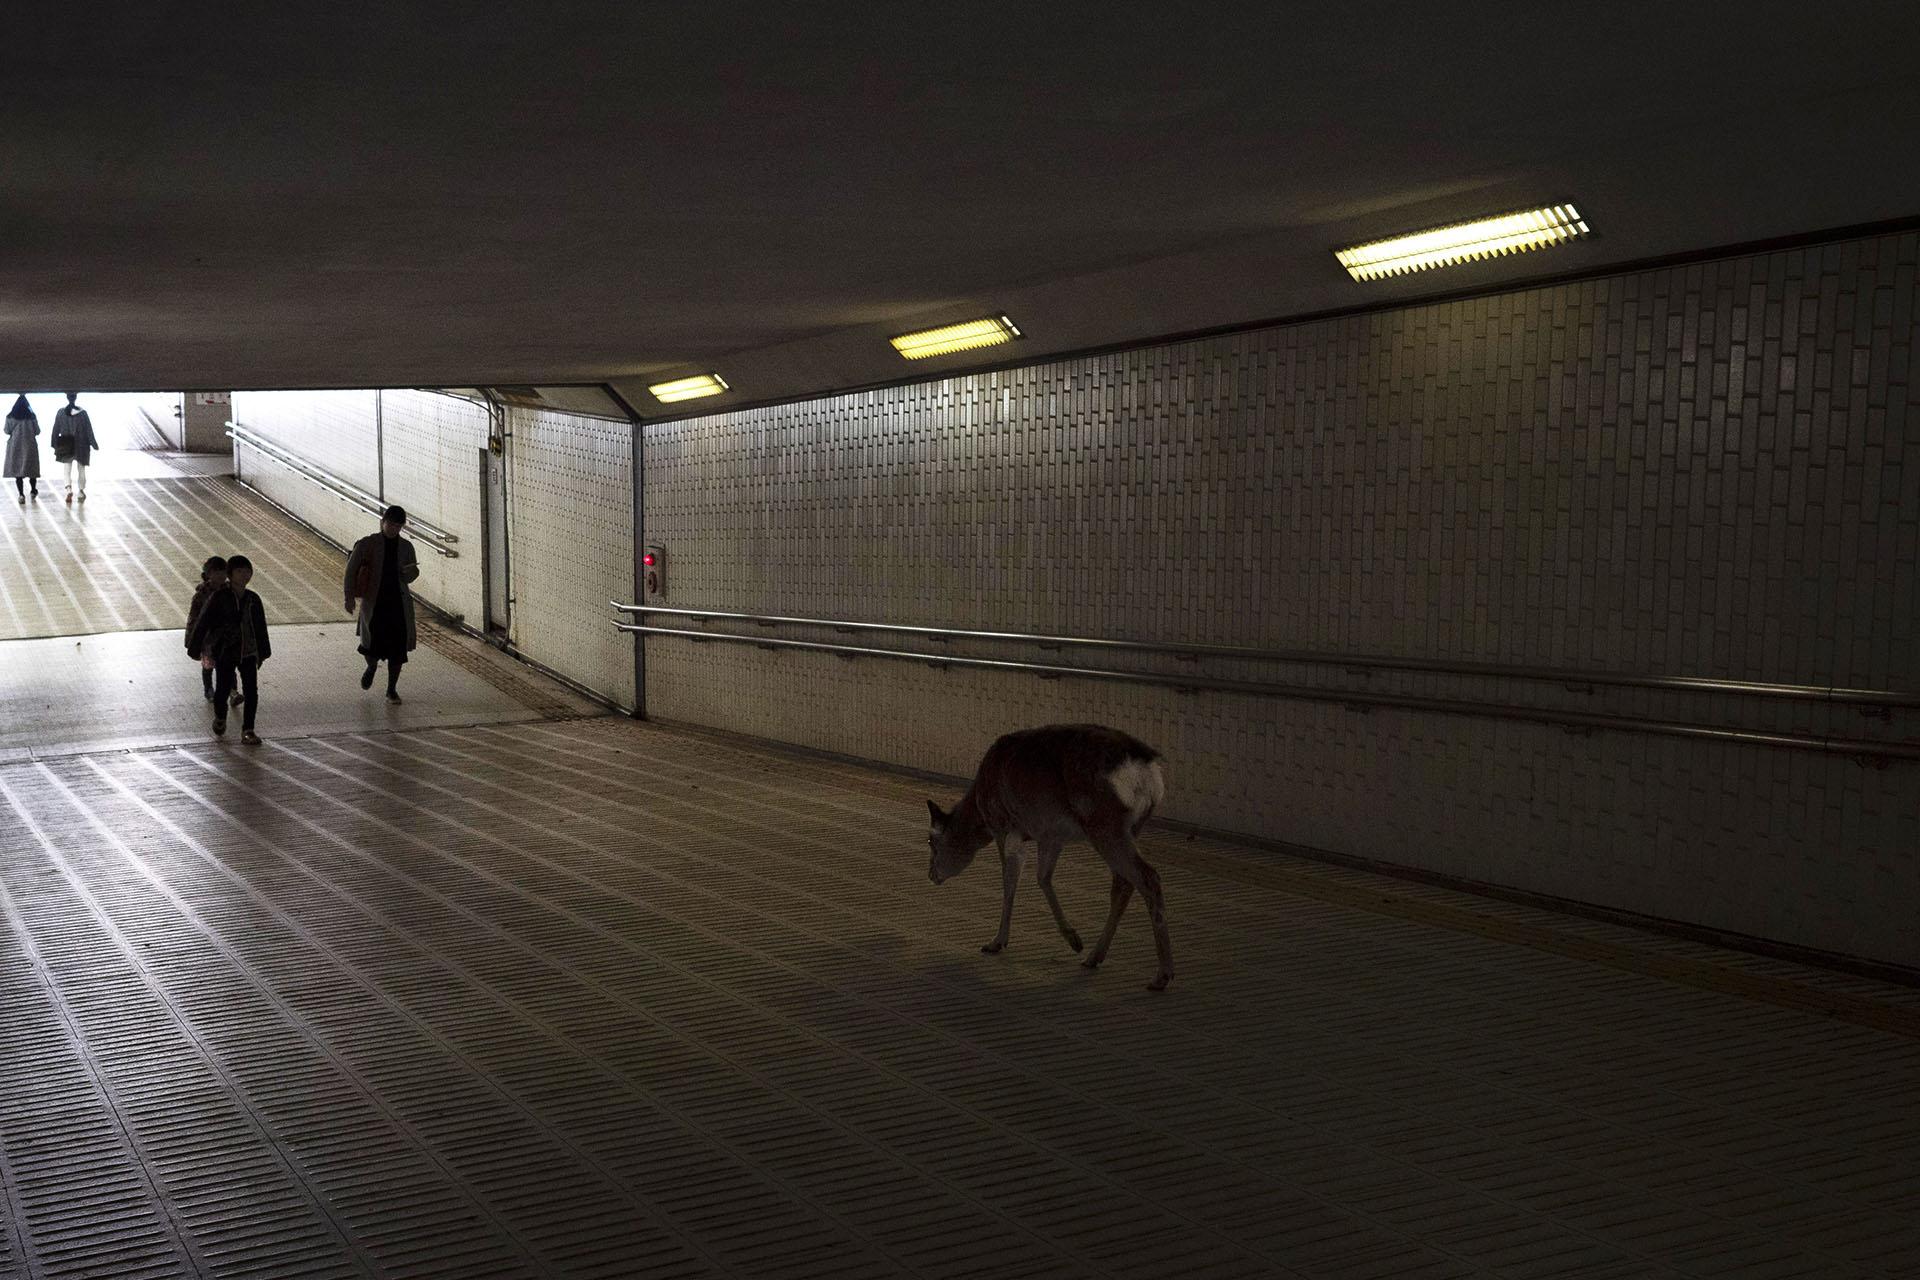 Más de 1000 ciervos deambulan libres en la antigua capital de Japón. A pesar de la disminución del turismo en la ciudad, estos animales salvajes están bien sin golosinas de los turistas, según un grupo de protección de venados. (Foto AP / Jae C. Hong)